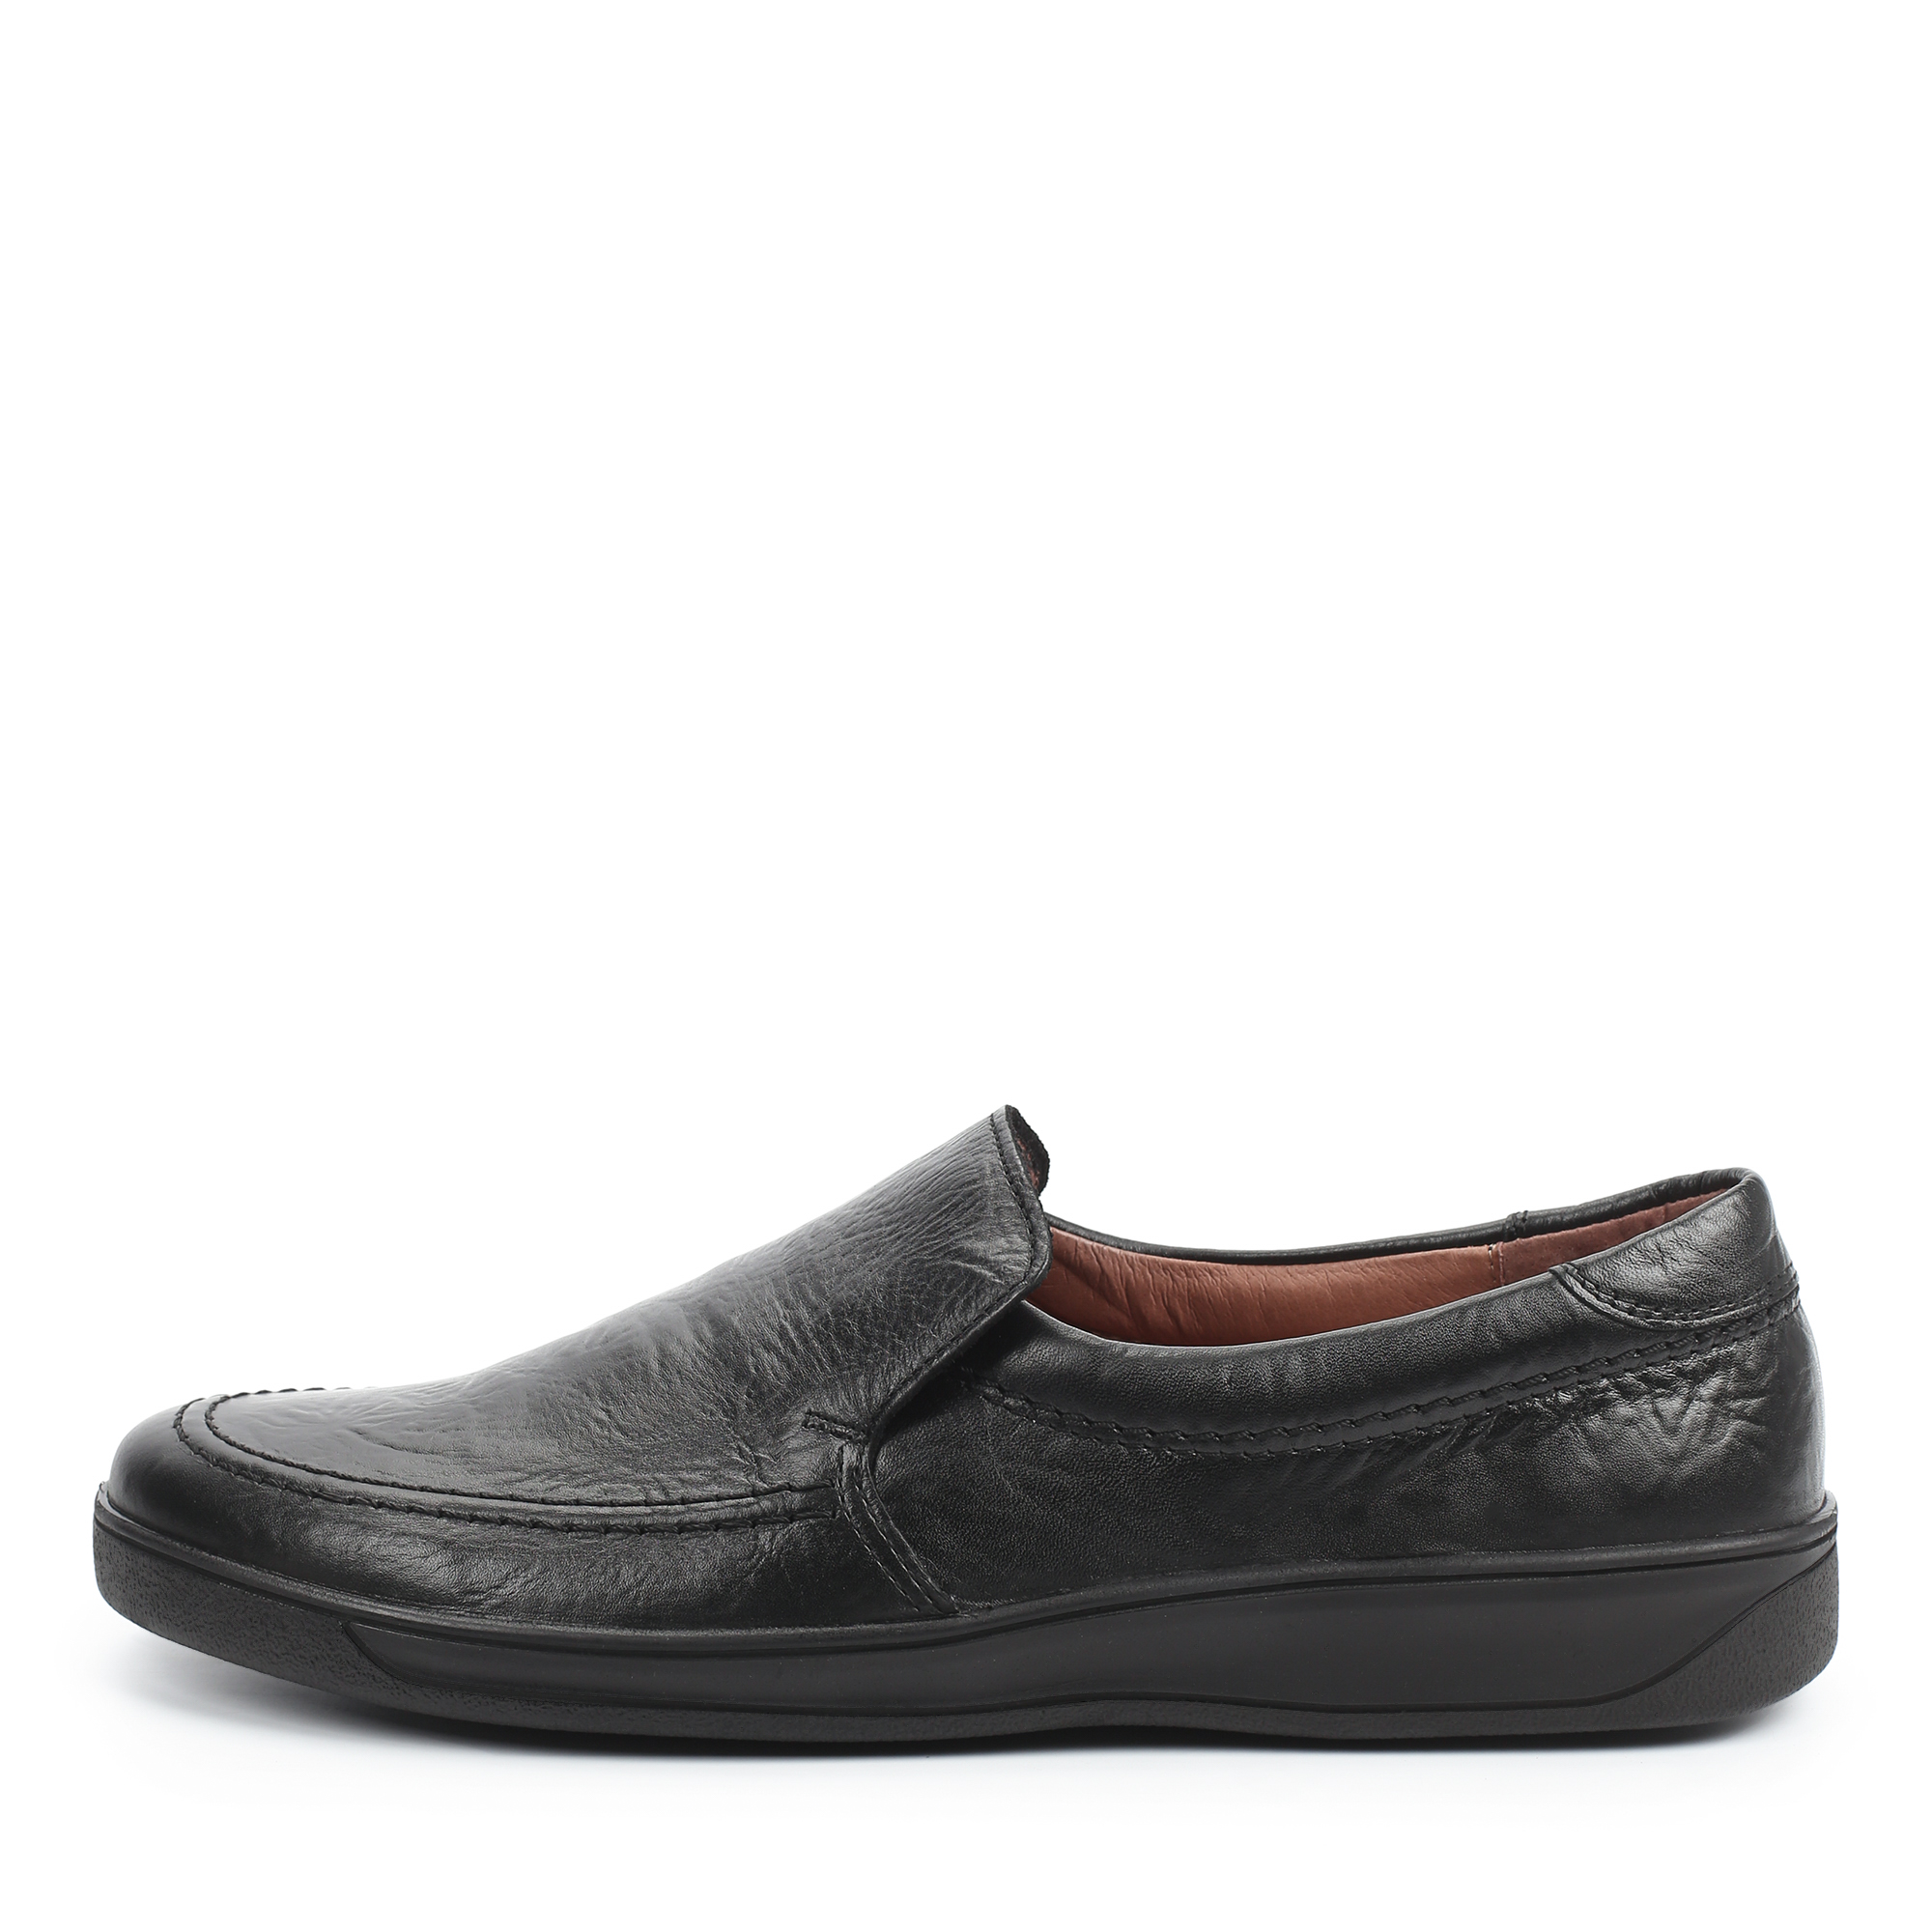 Туфли/полуботинки Salamander 305-009A-1102